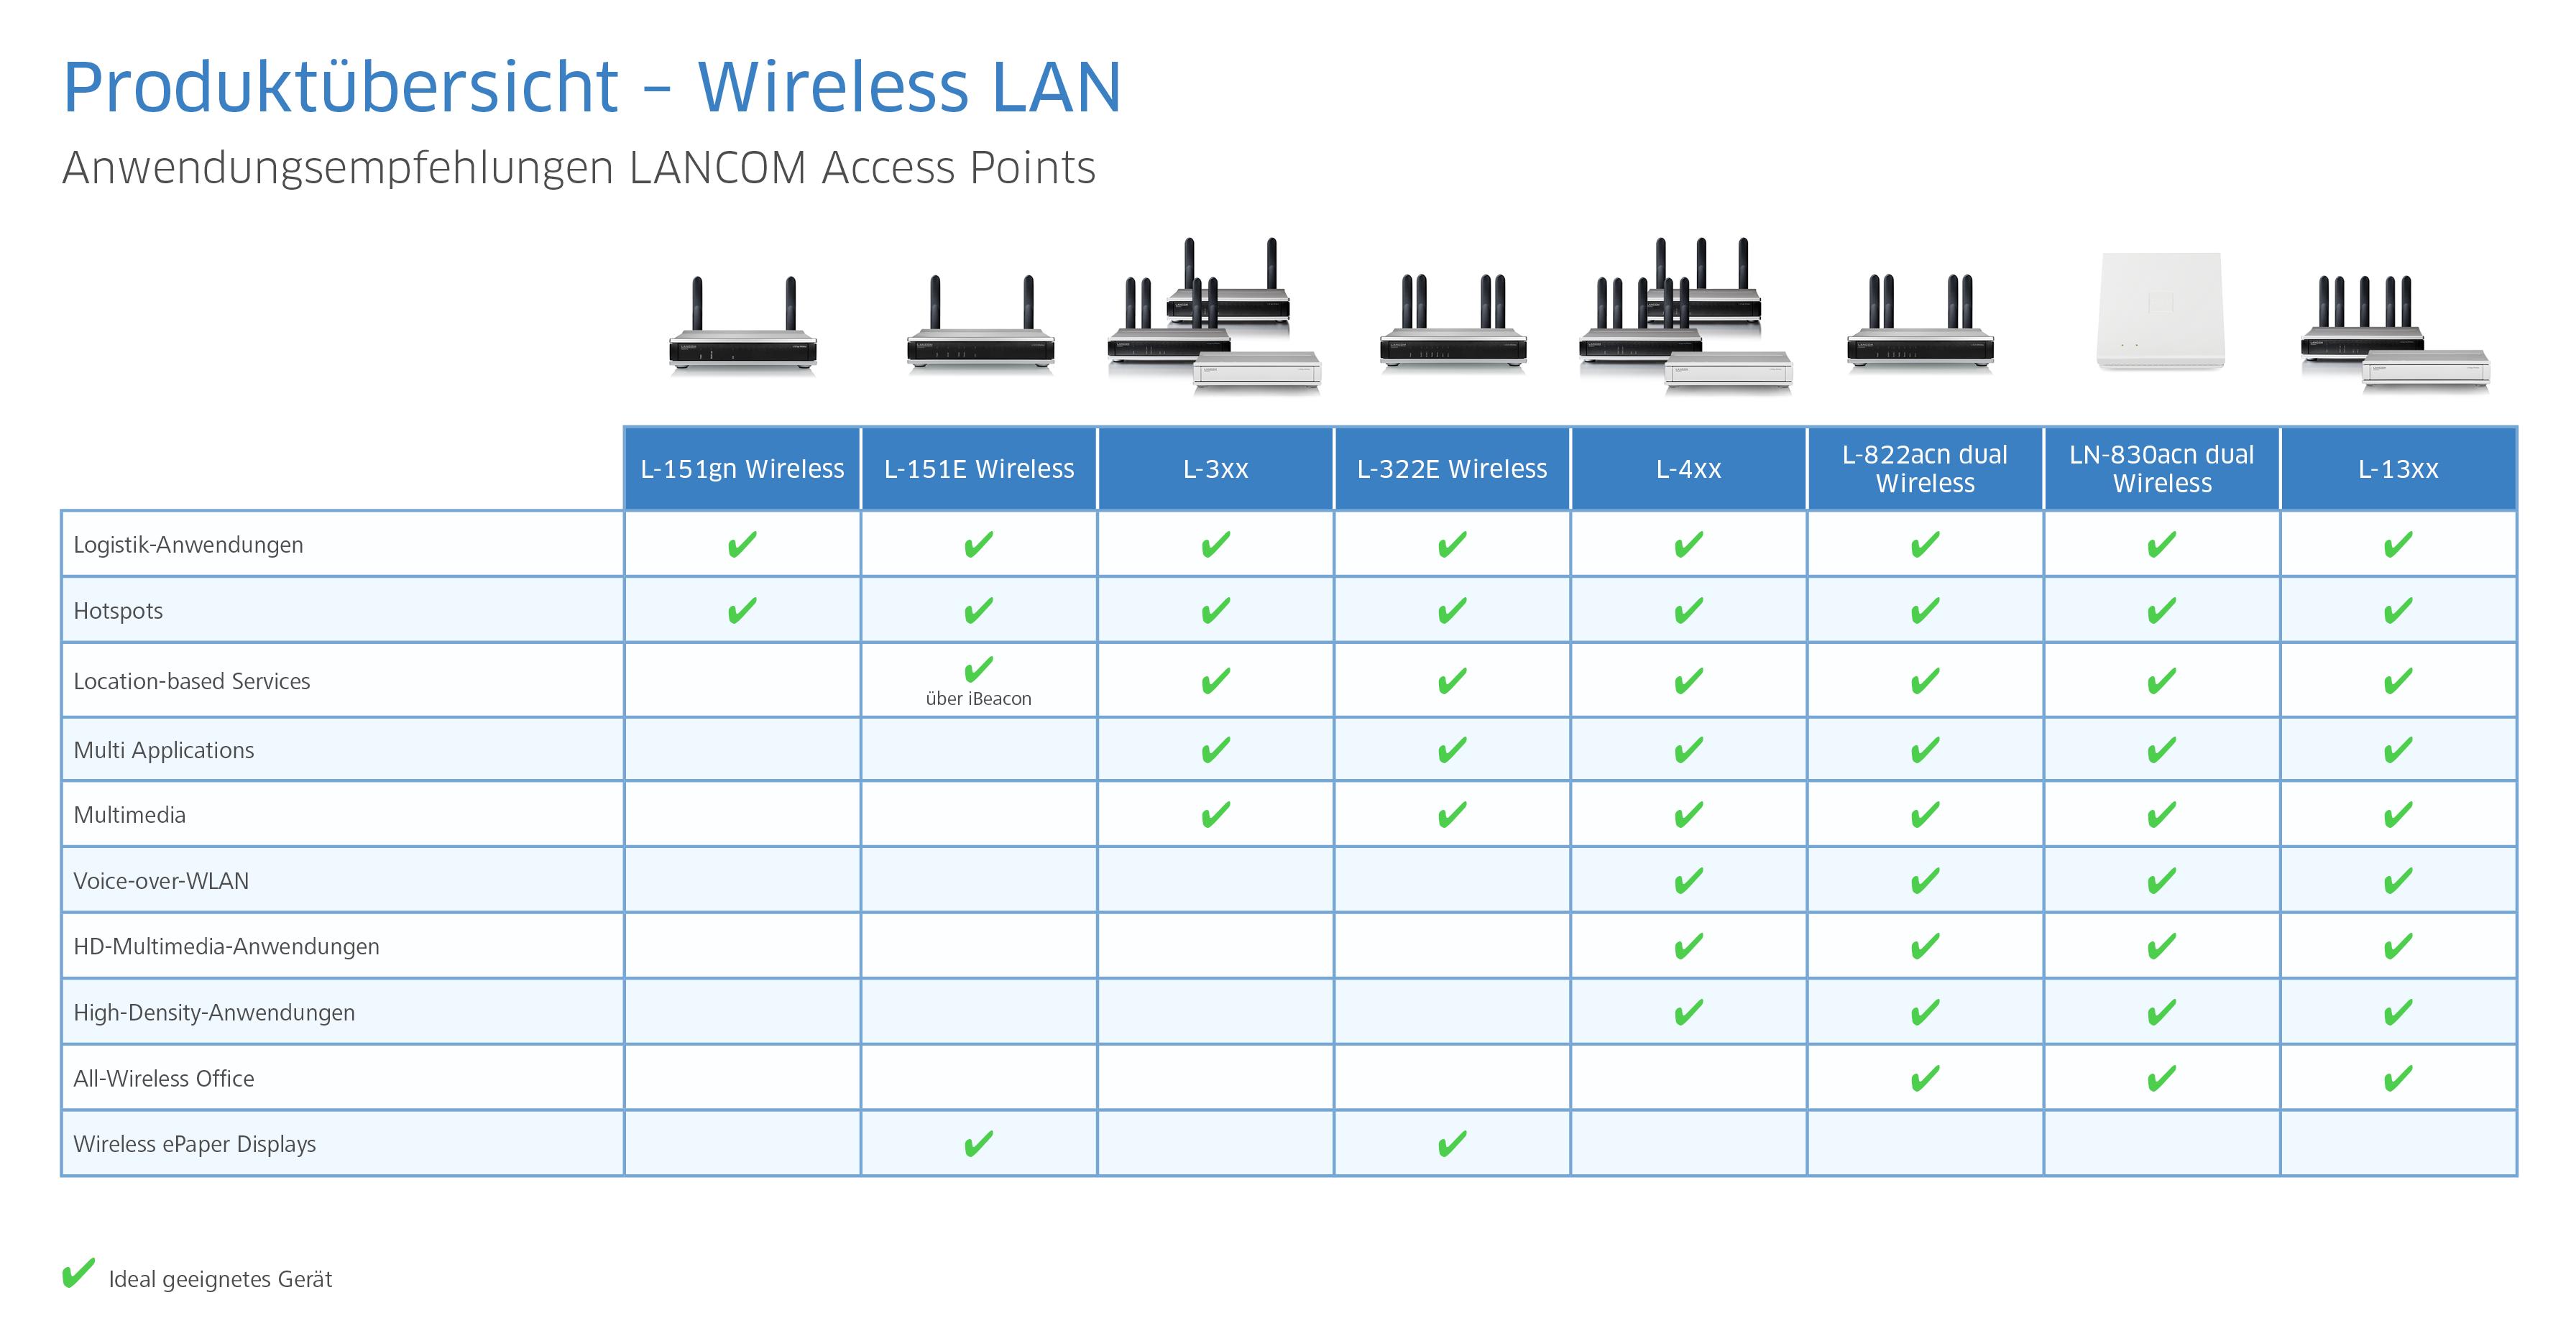 Anwendungsempfehlungen LANCOM Access Points